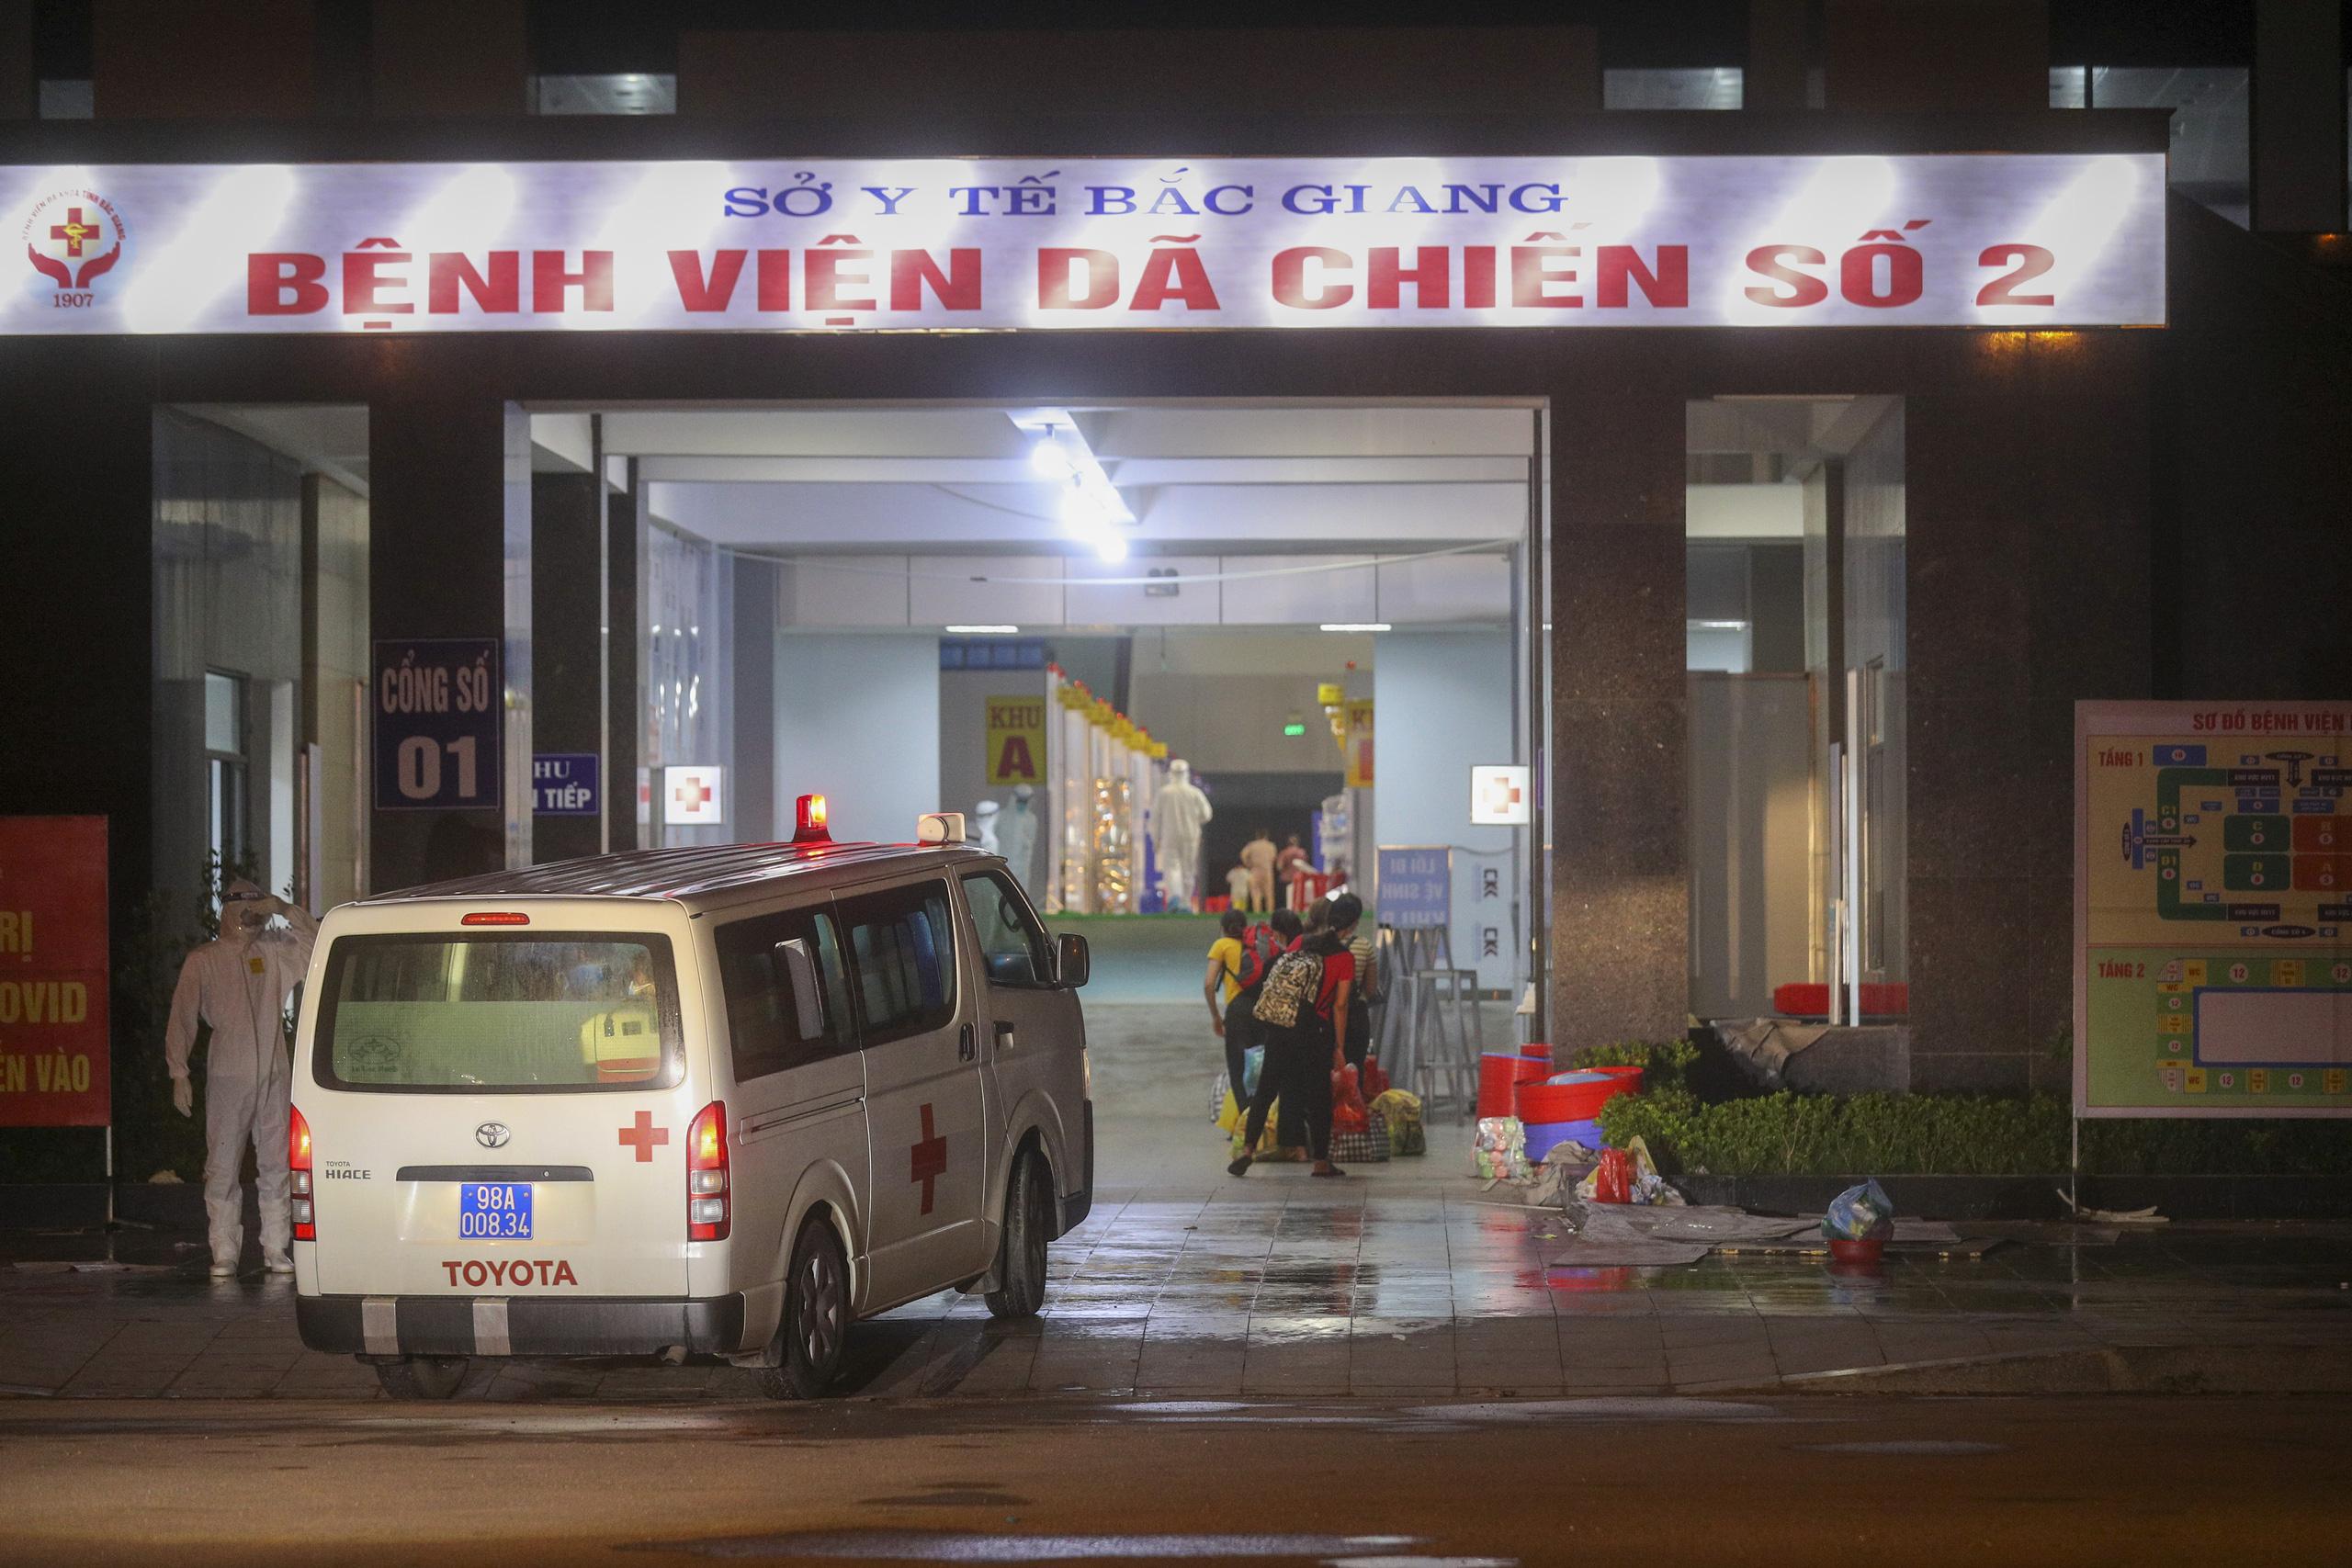 Bệnh viện dã chiến số 2 Bắc Giang tiếp nhận hơn 500 bệnh nhân Covid-19 - Ảnh 1.